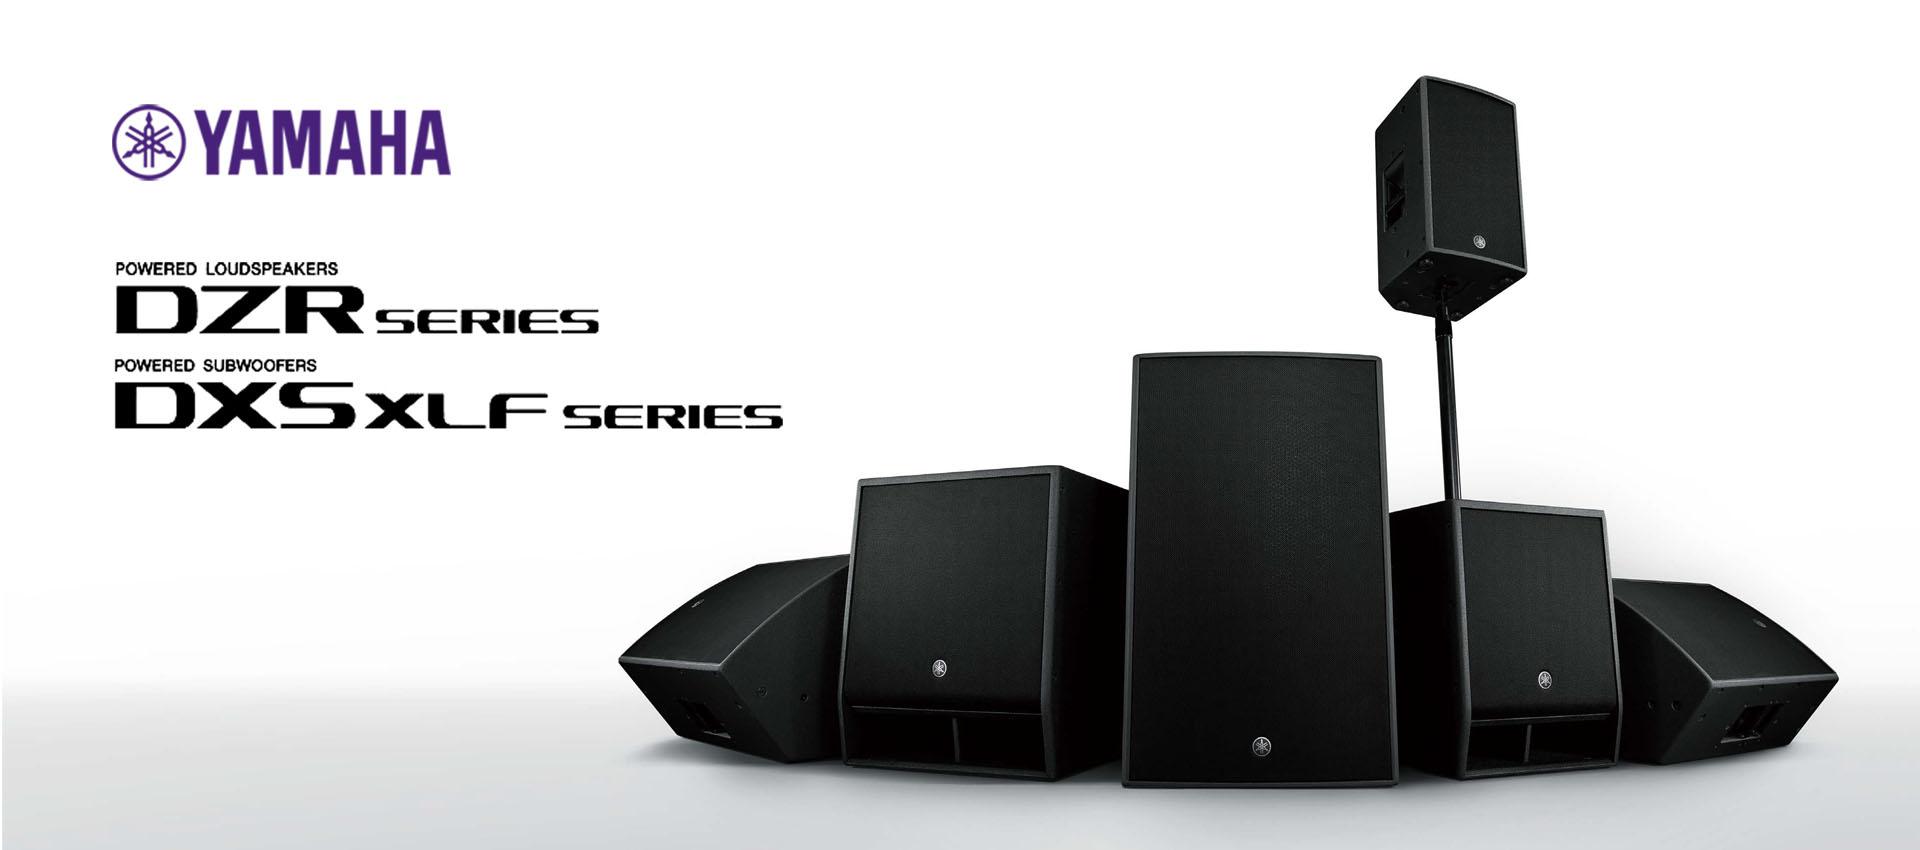 باند و ساب حرفه ای اکتیو ساخت کمپانی Yamaha( یا ) سری DZR/DXR